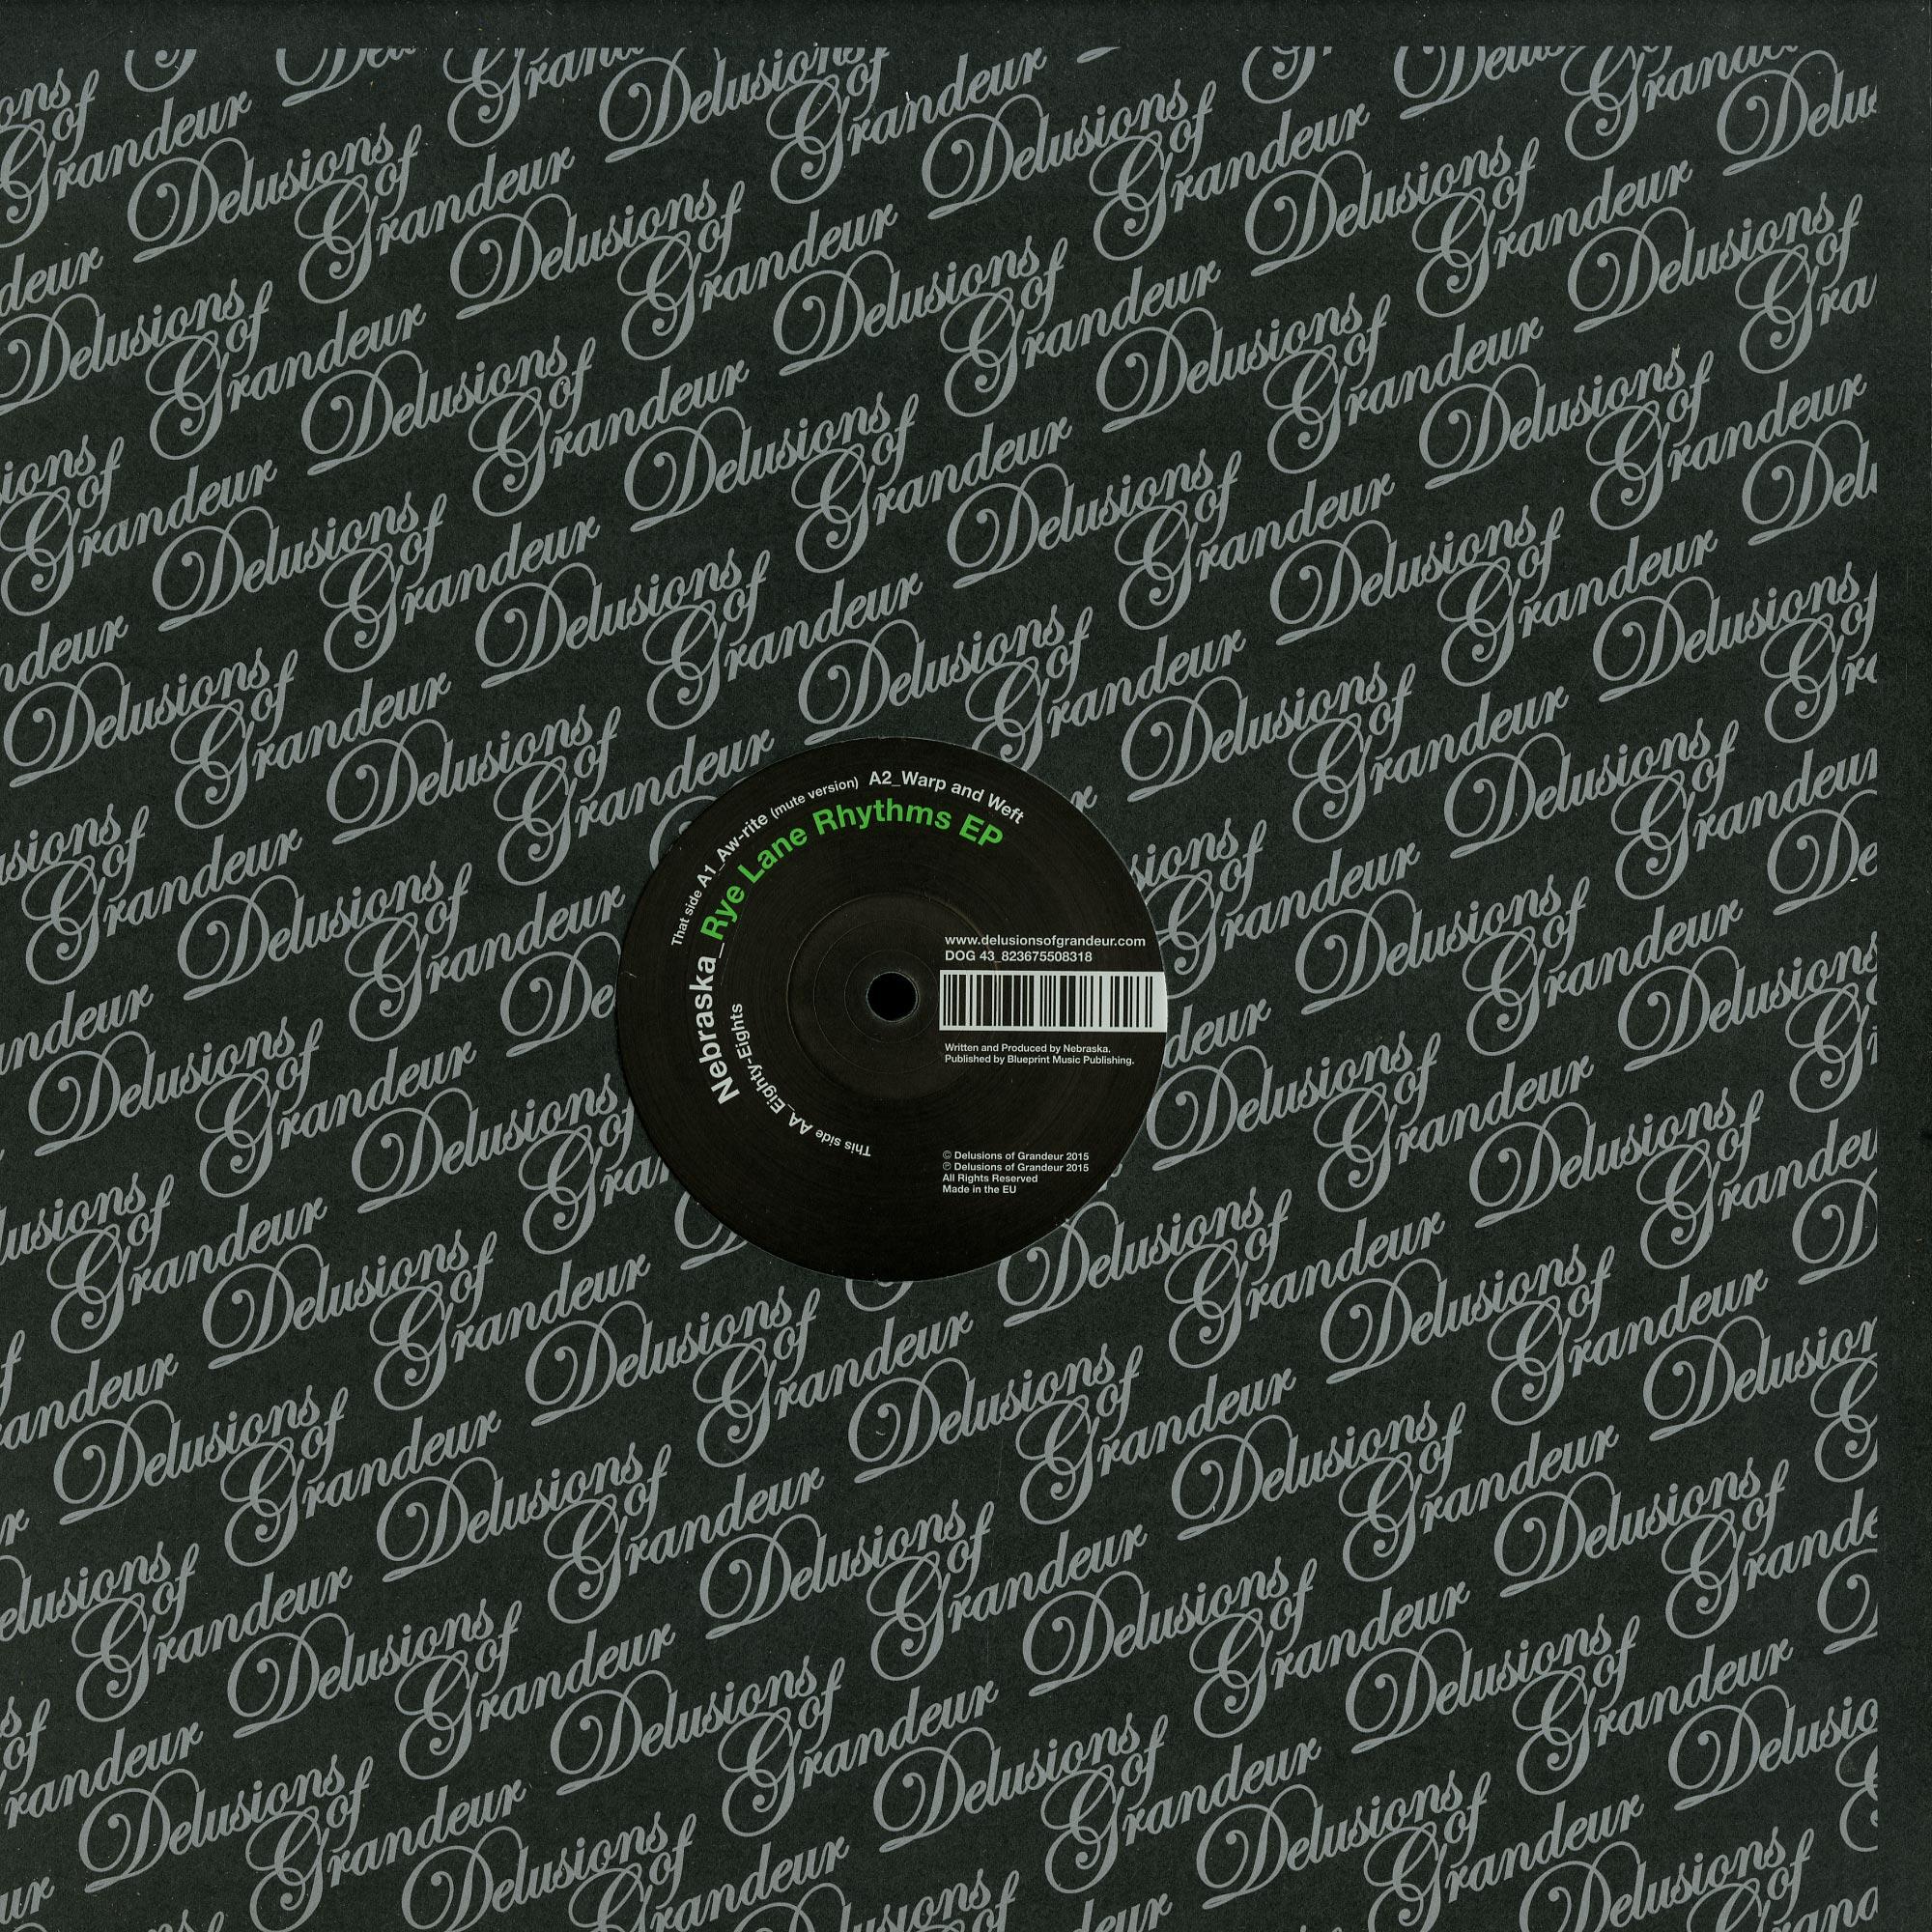 Nebraska - RYE LANCE RHYTHMS EP